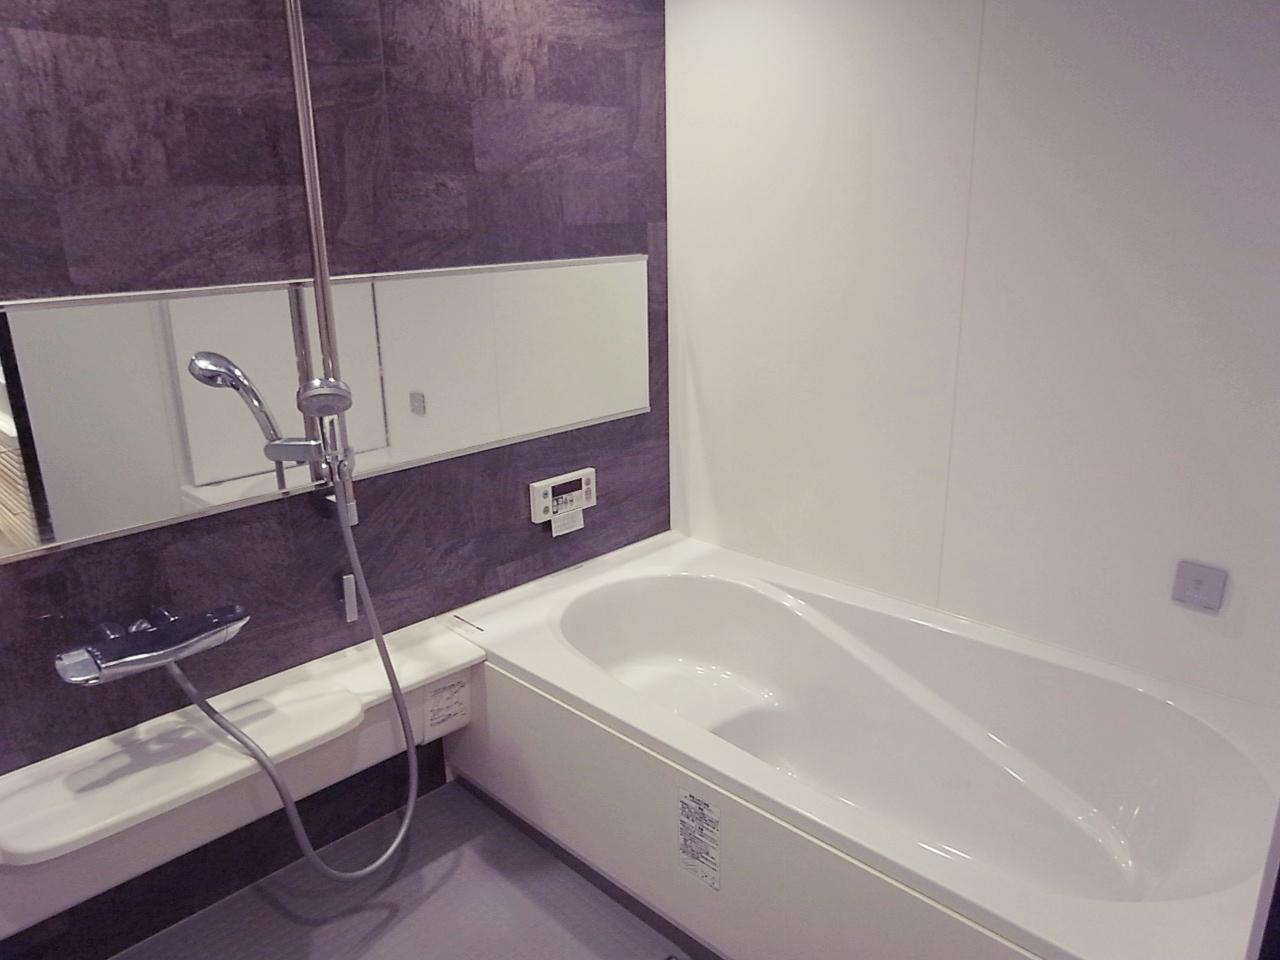 浴室は1620まで拡張。これは嬉しい。